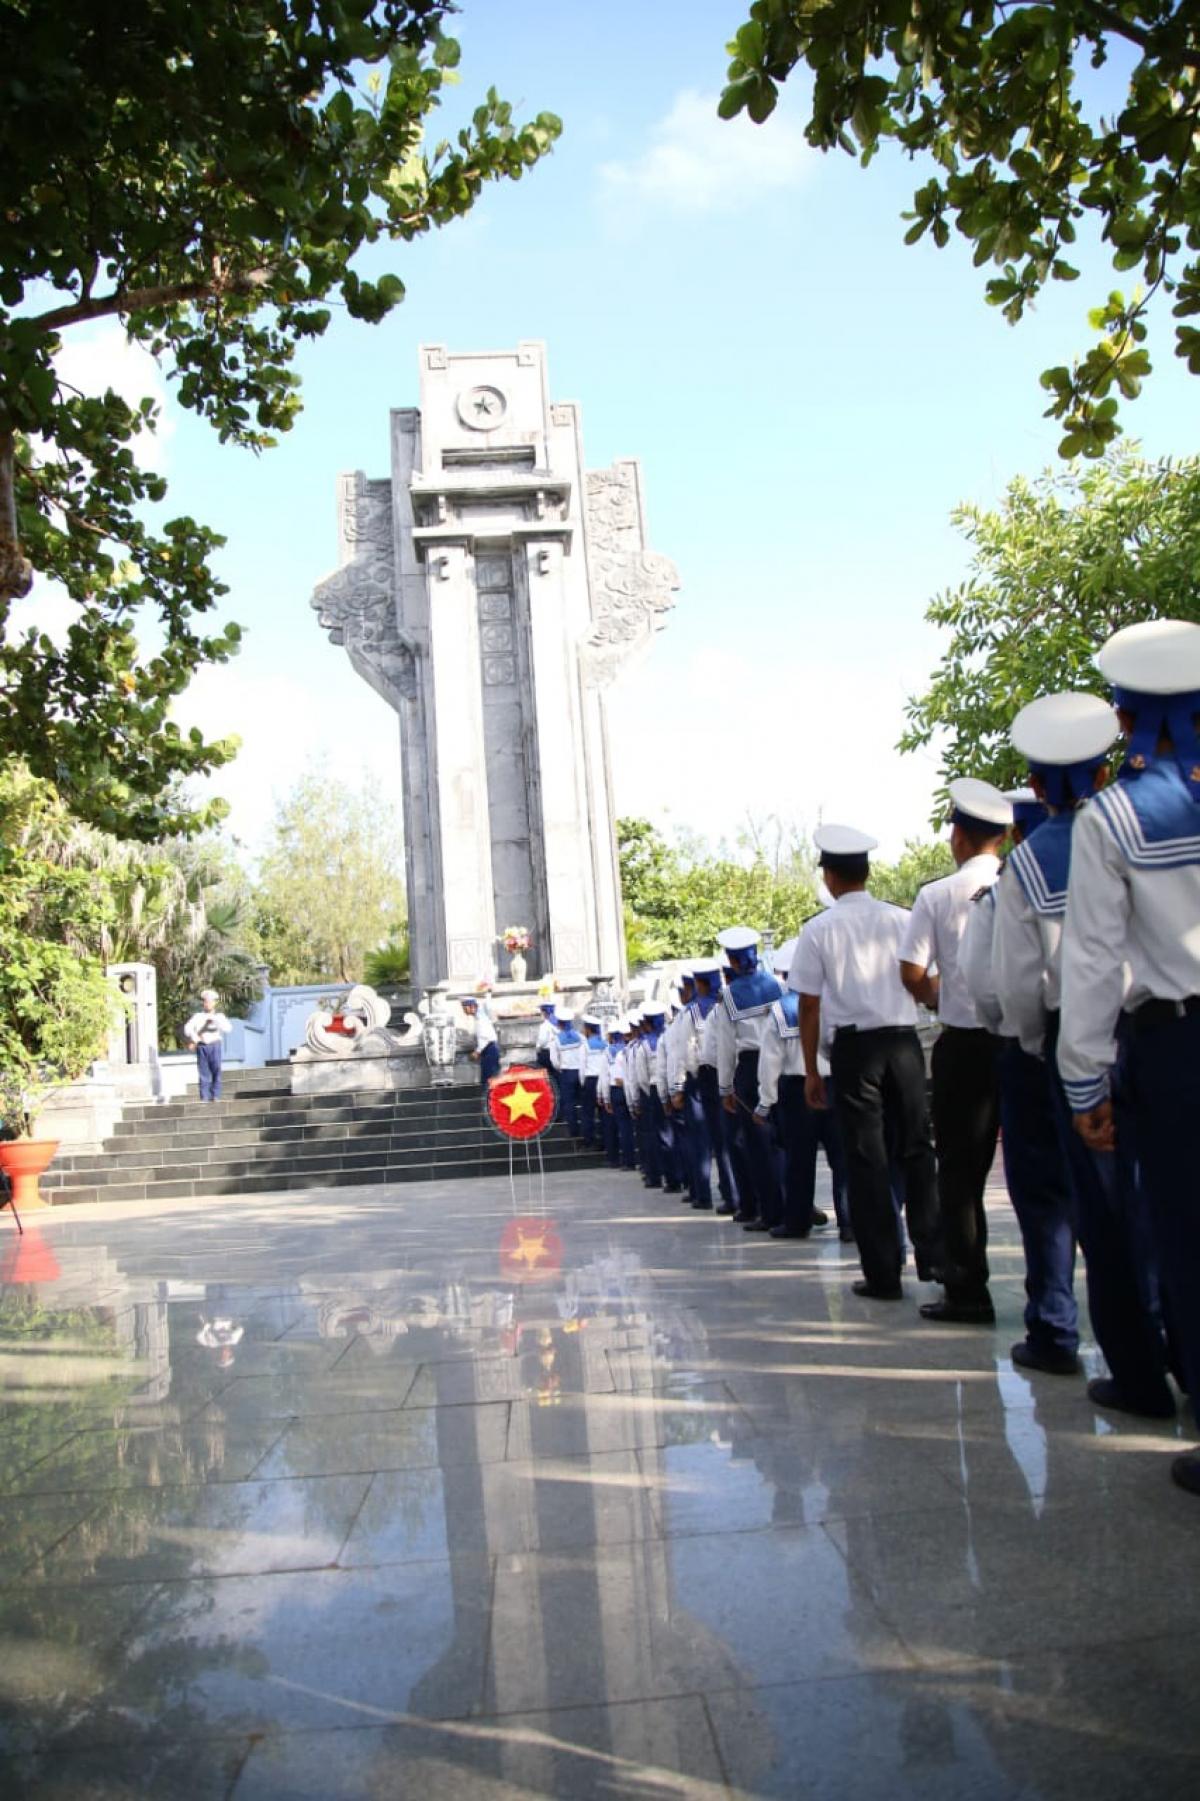 Dâng hương tưởng niệm các anh hùng liệt sĩ tại Trường Sa